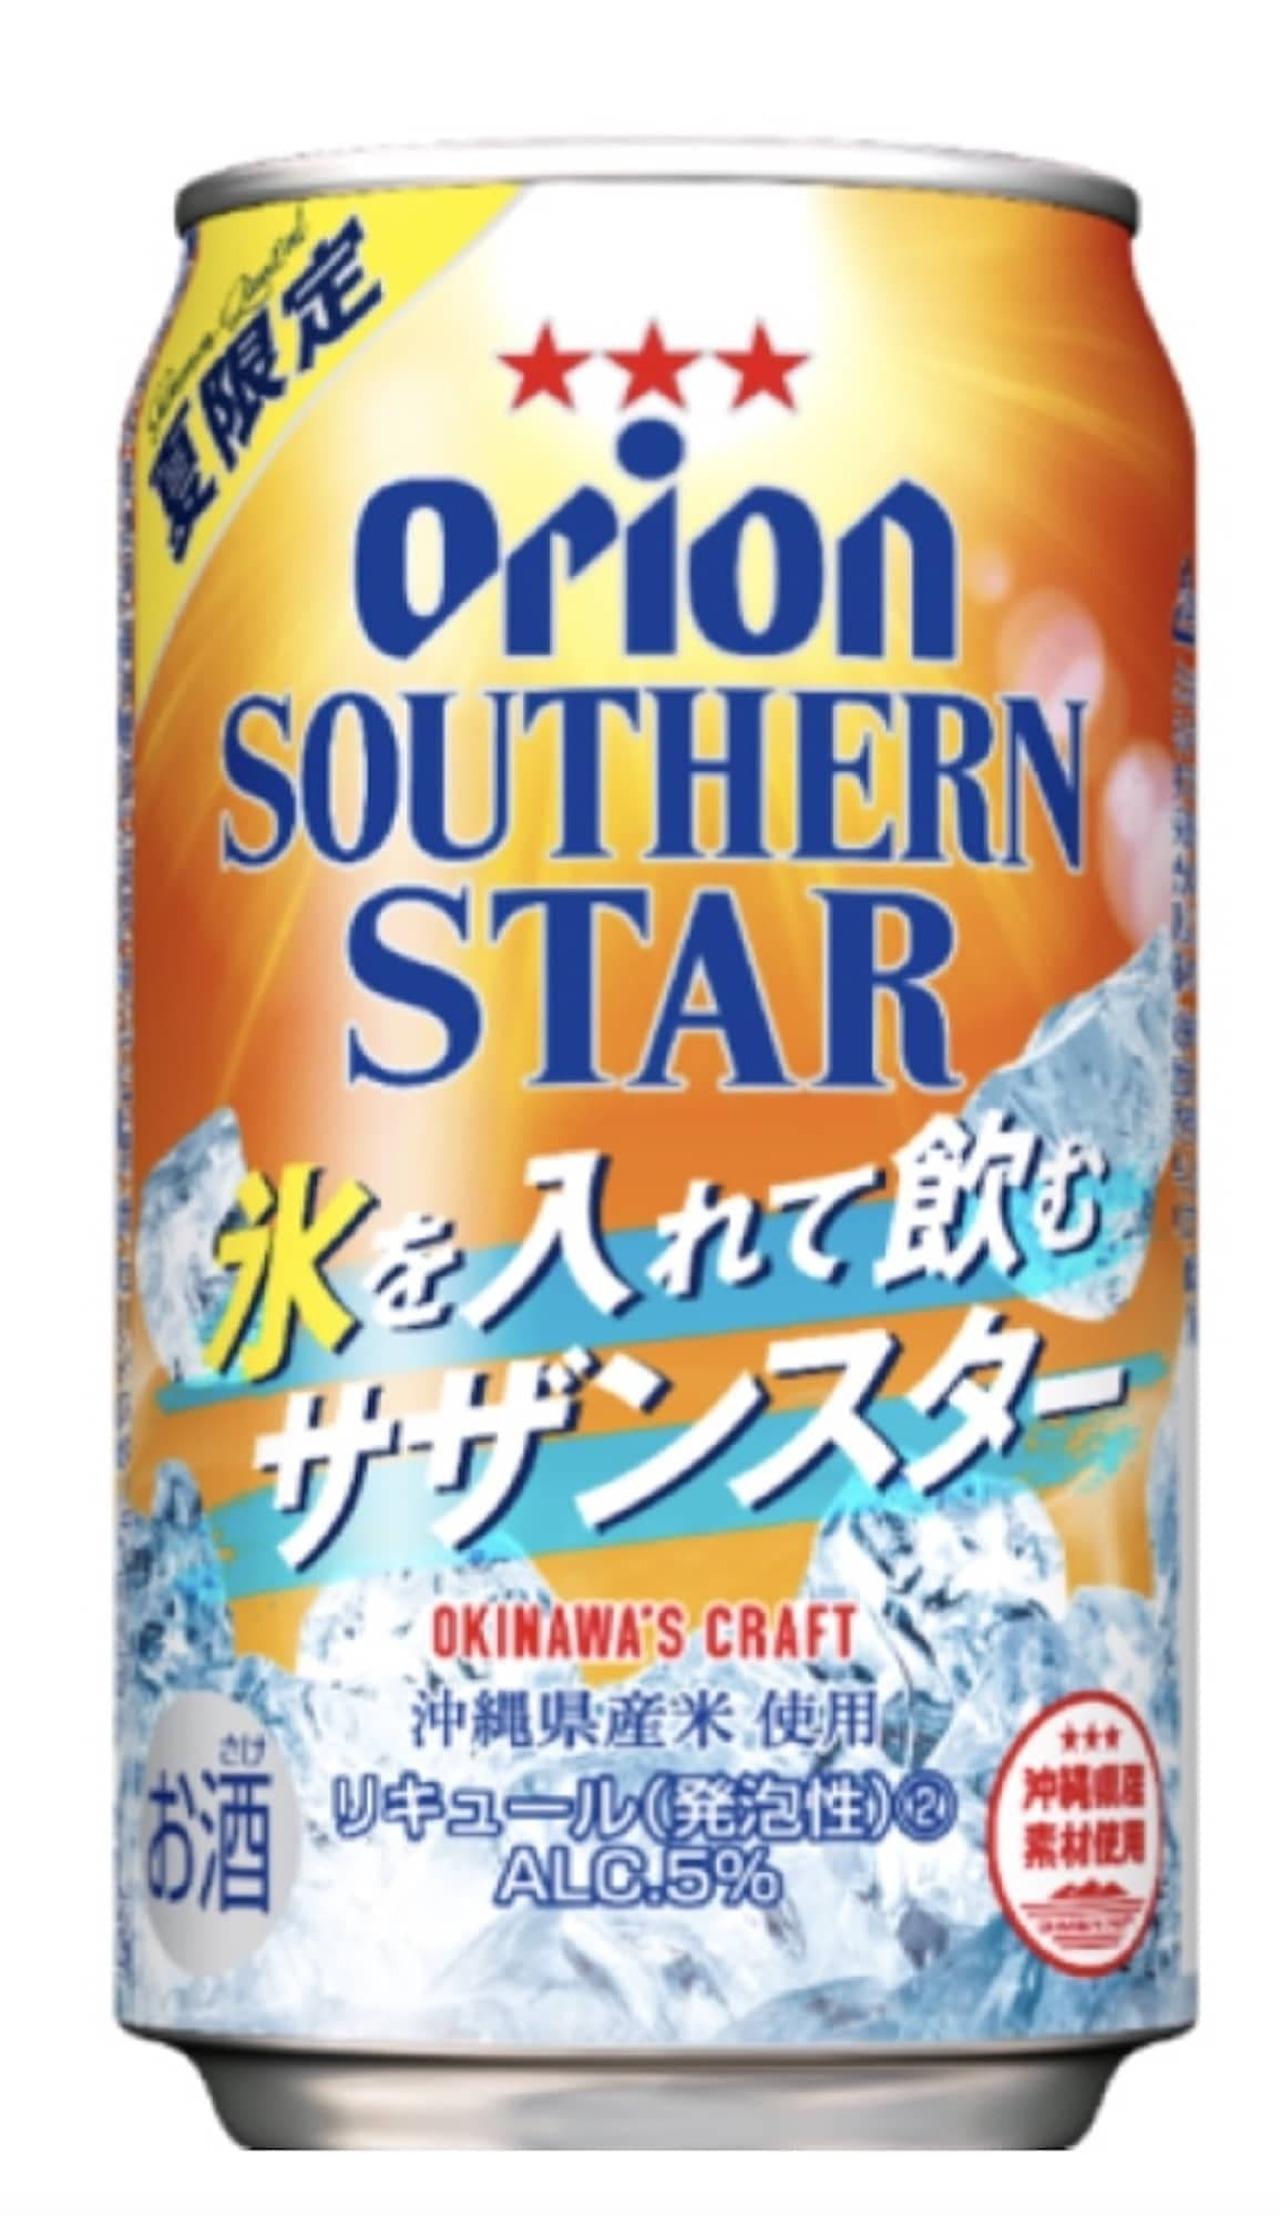 オリオン「氷を入れて飲むサザンスター」氷を入れて飲むことを前提に作られた一杯